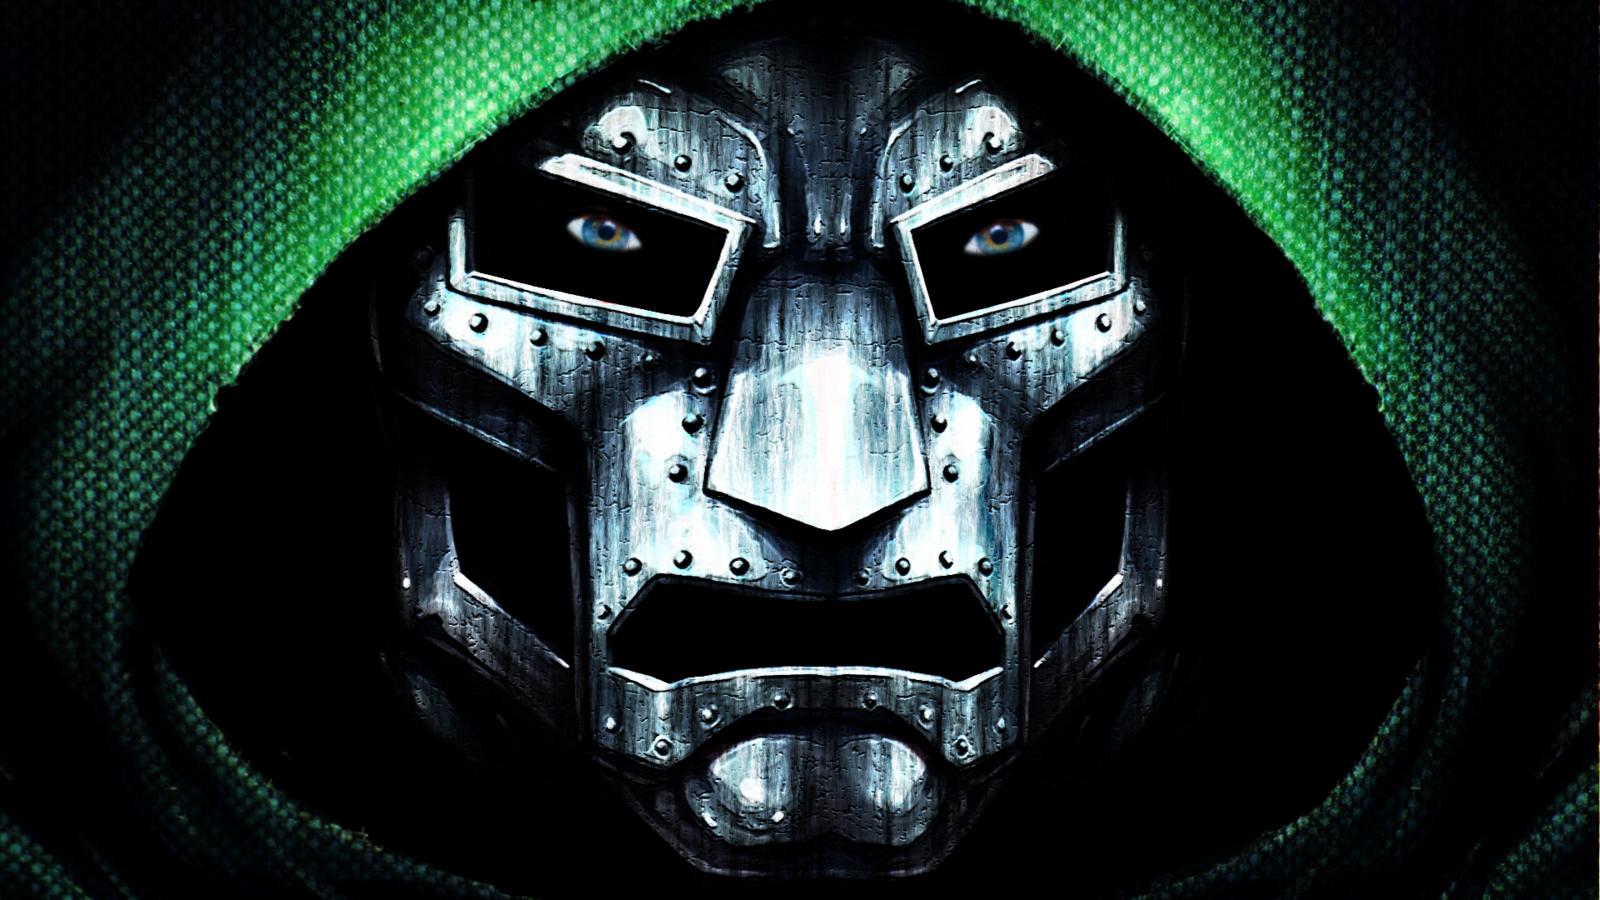 Doctor Doom Computer Wallpapers Desktop Backgrounds 1600x900 ID 1600x900